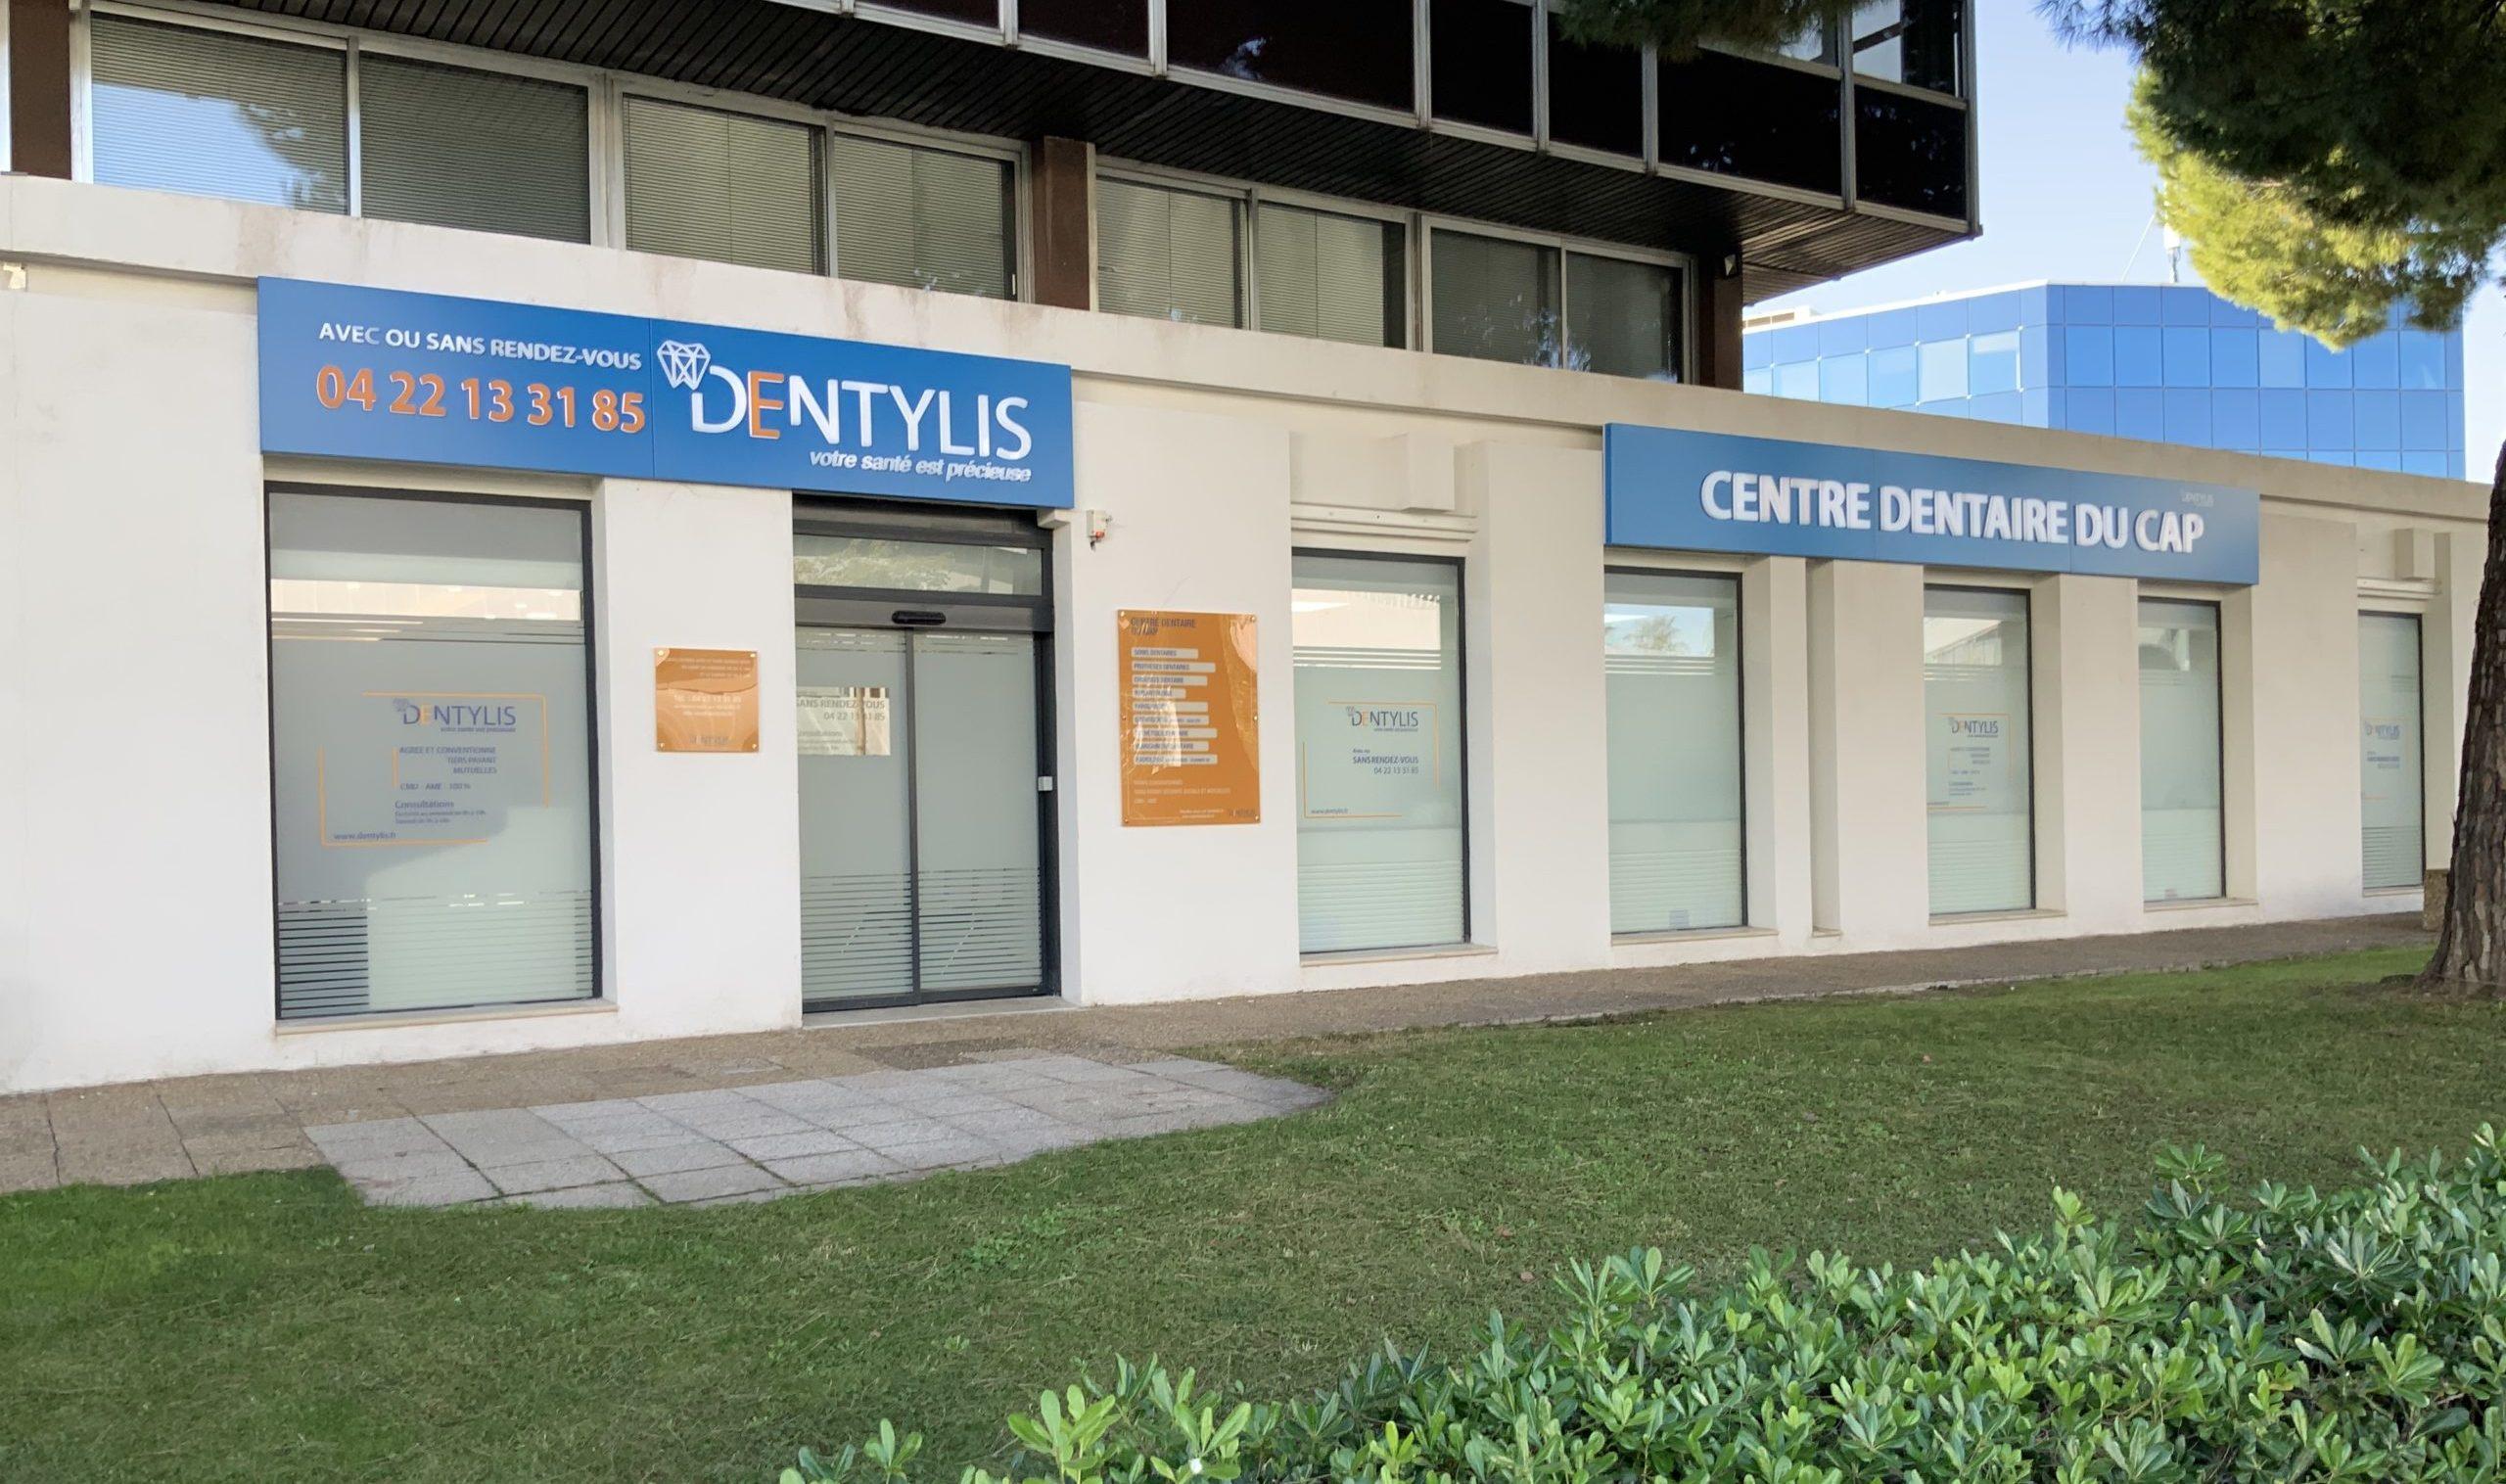 Centre Dentaire du Cap Dentylis